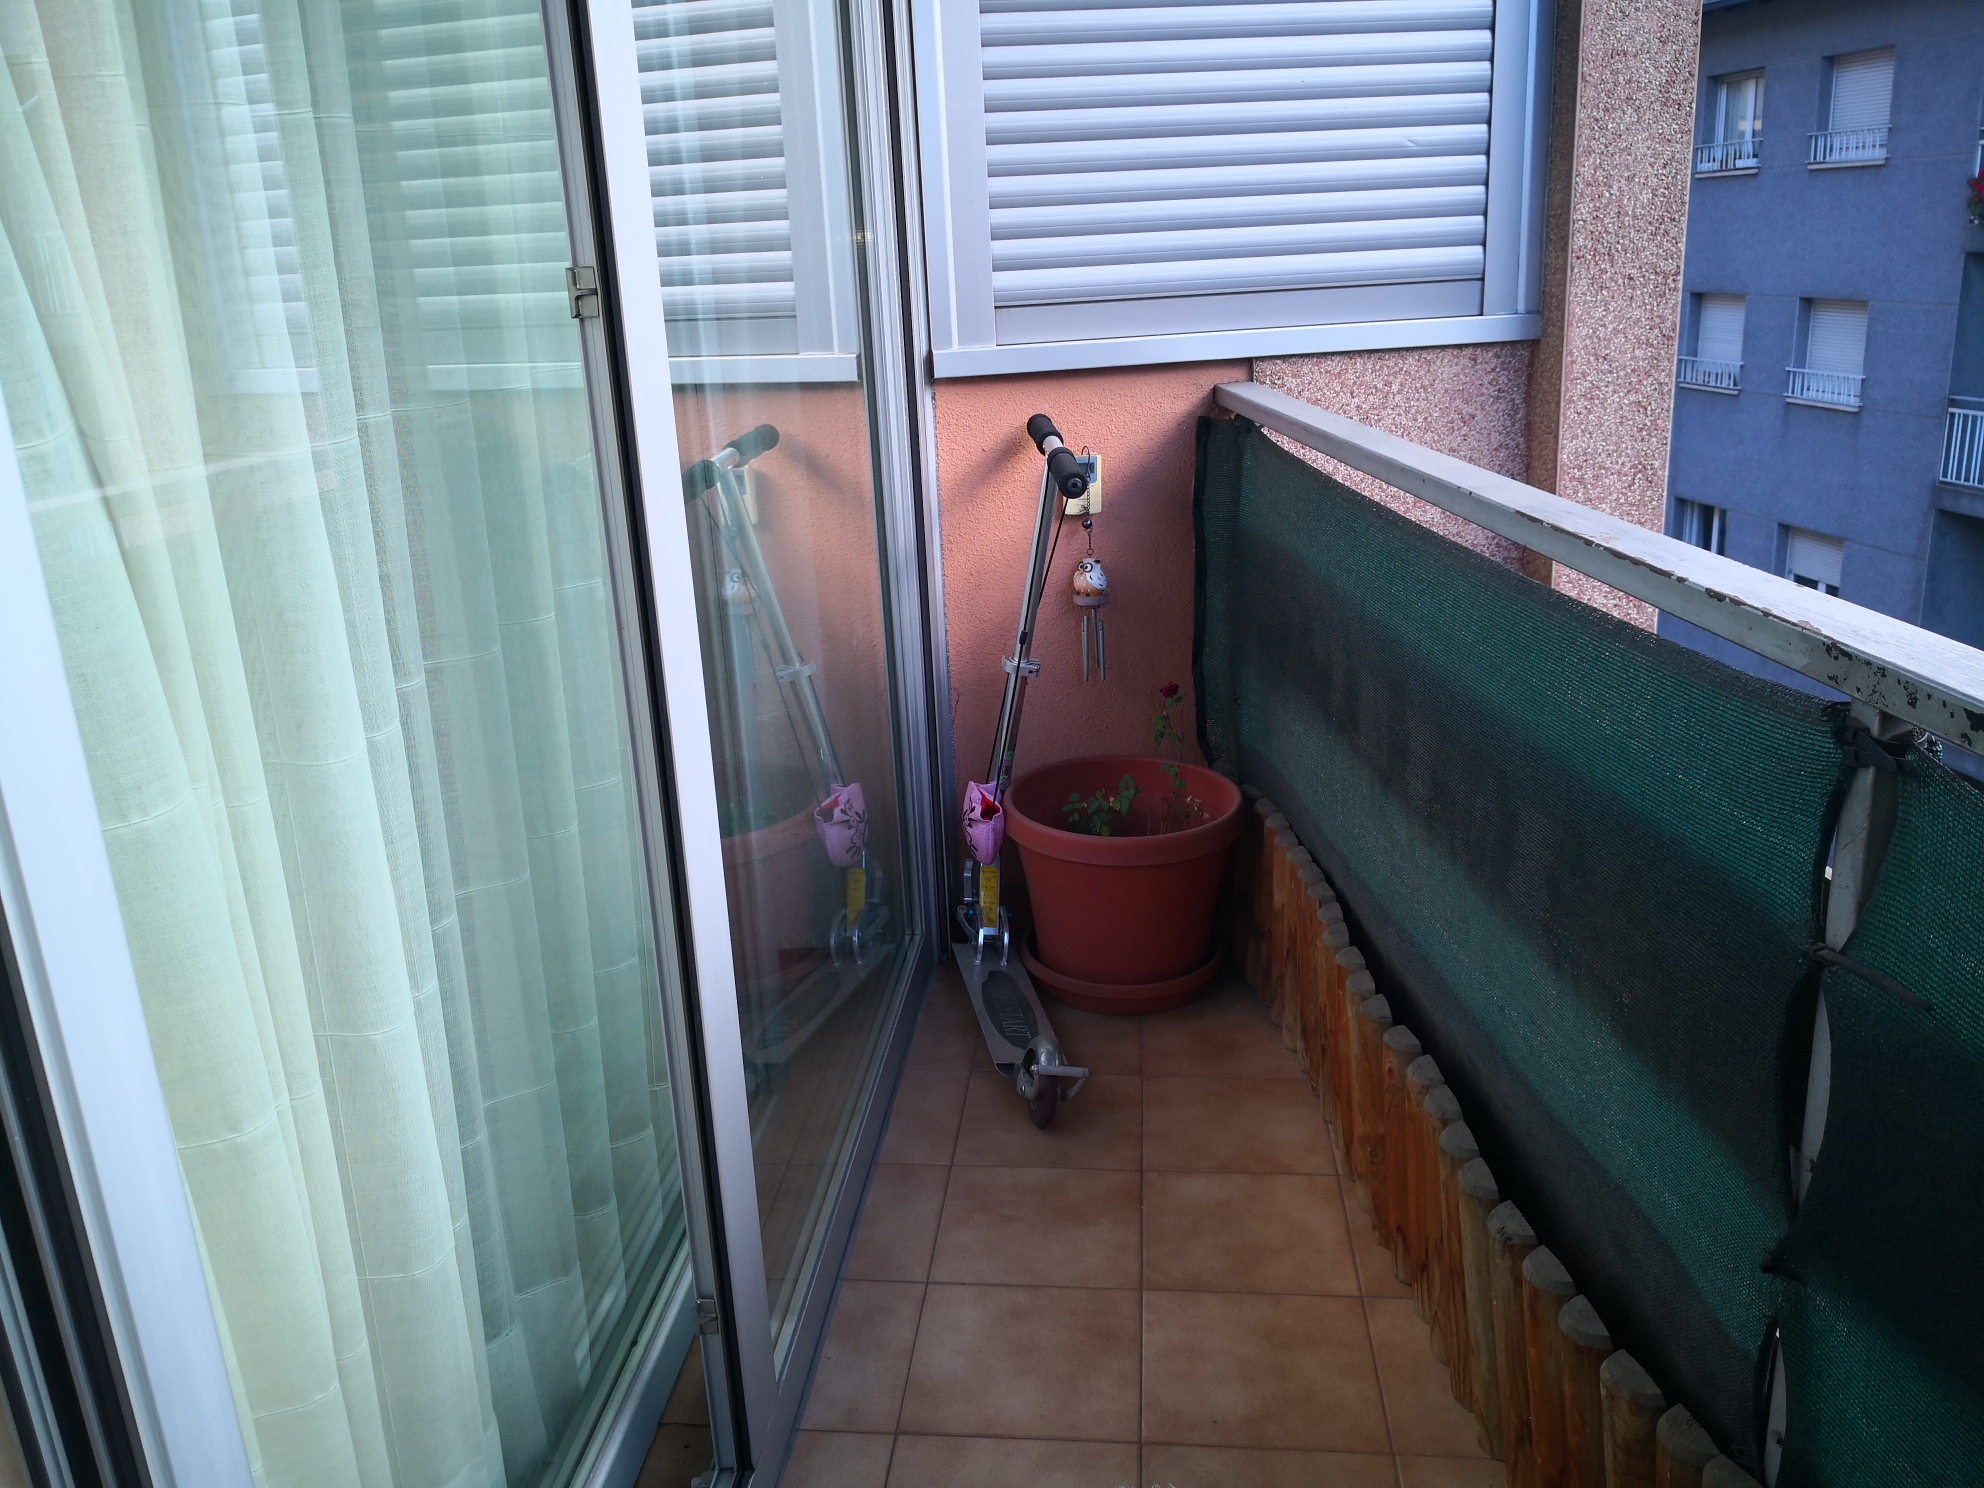 Àtic de lloguer a Santa Coloma, 3 habitacions, 100 metres